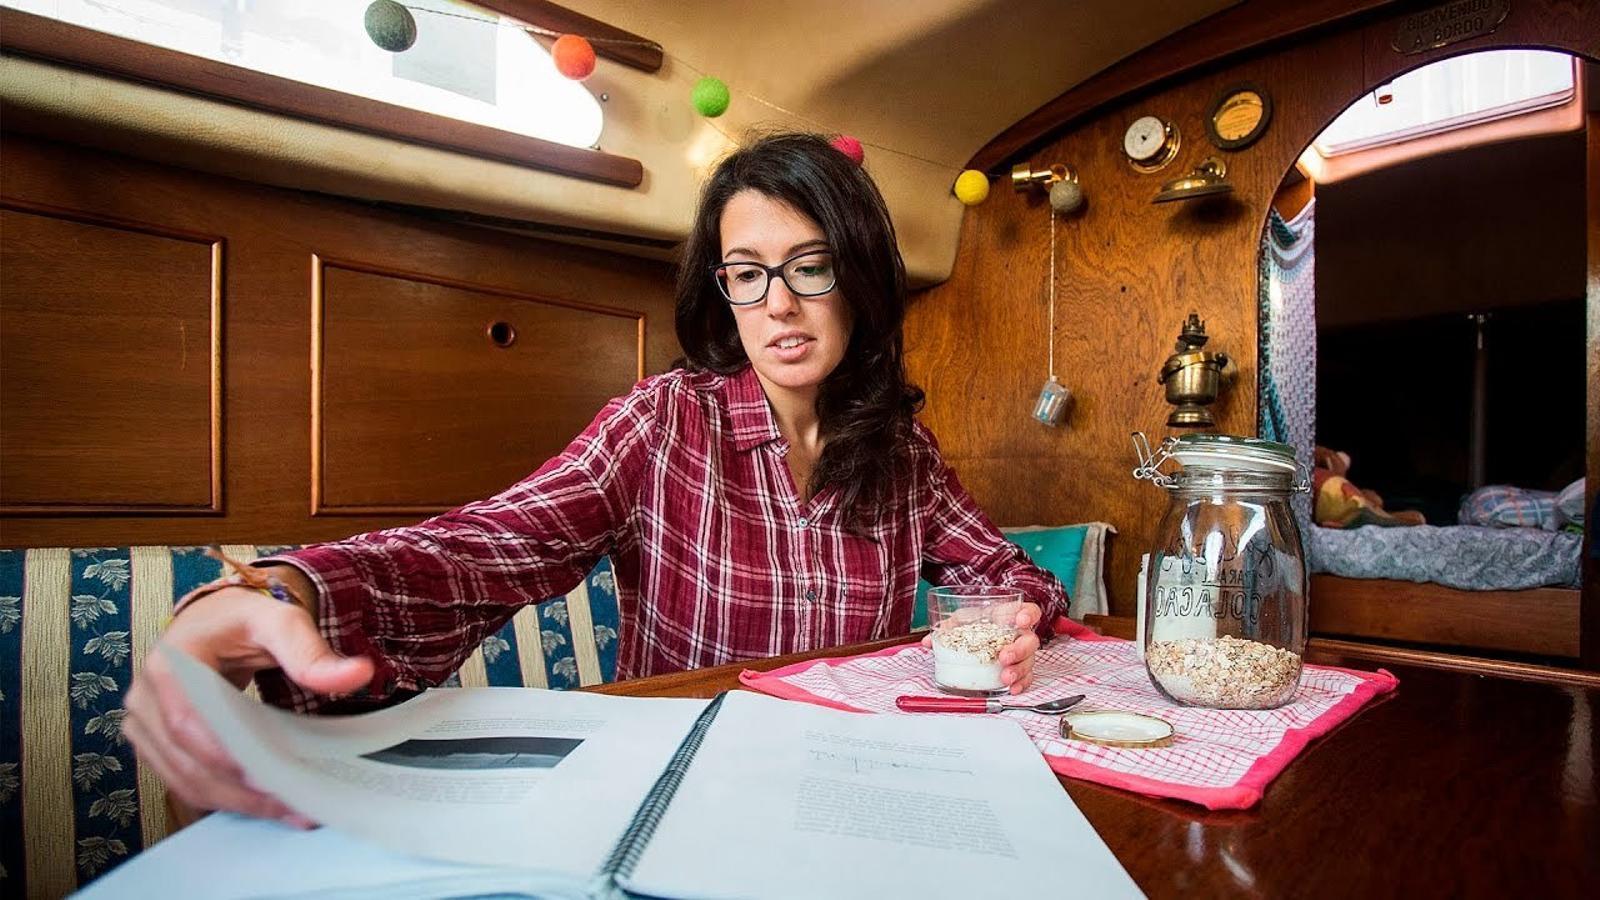 Com és viure en un veler al Port de Barcelona?